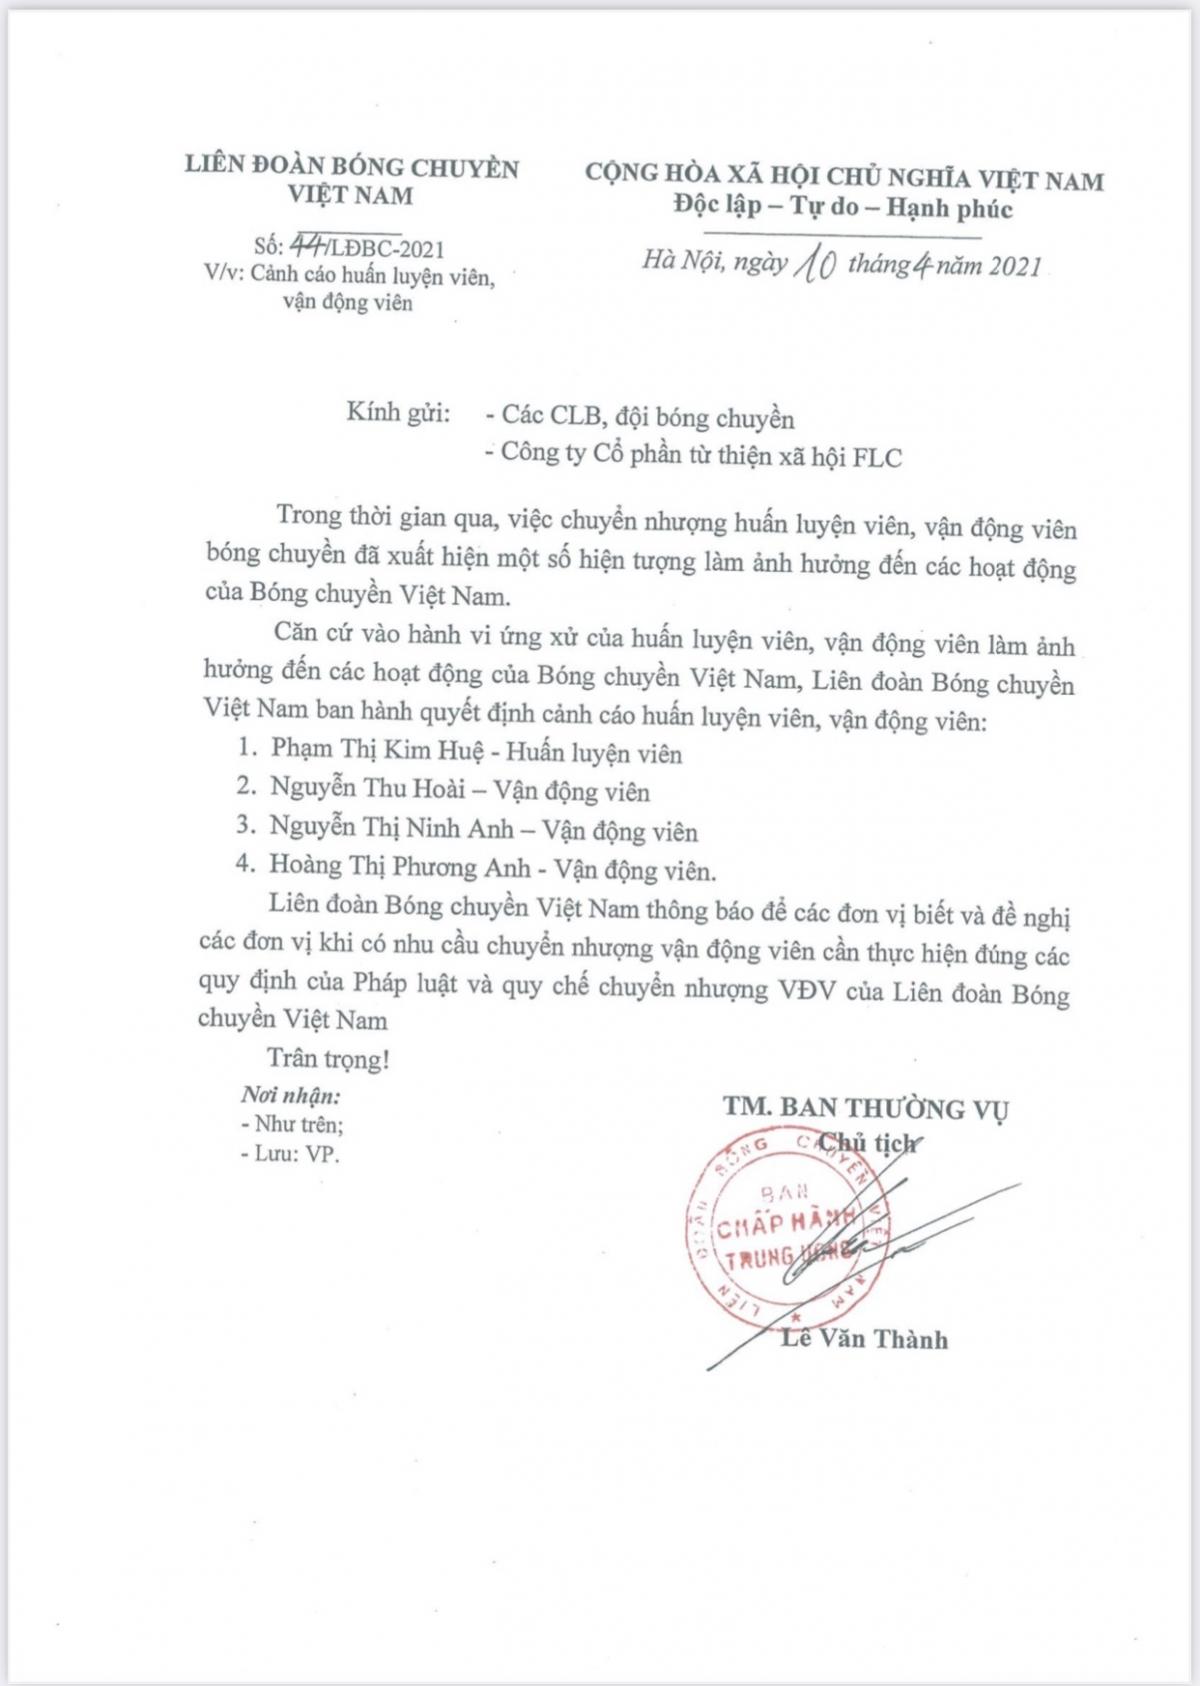 Hoa khôi bóng chuyền Kim Huệ và lời kêu cứu trước án kỷ luật 'từ trên trời giáng xuống' - Ảnh 1.